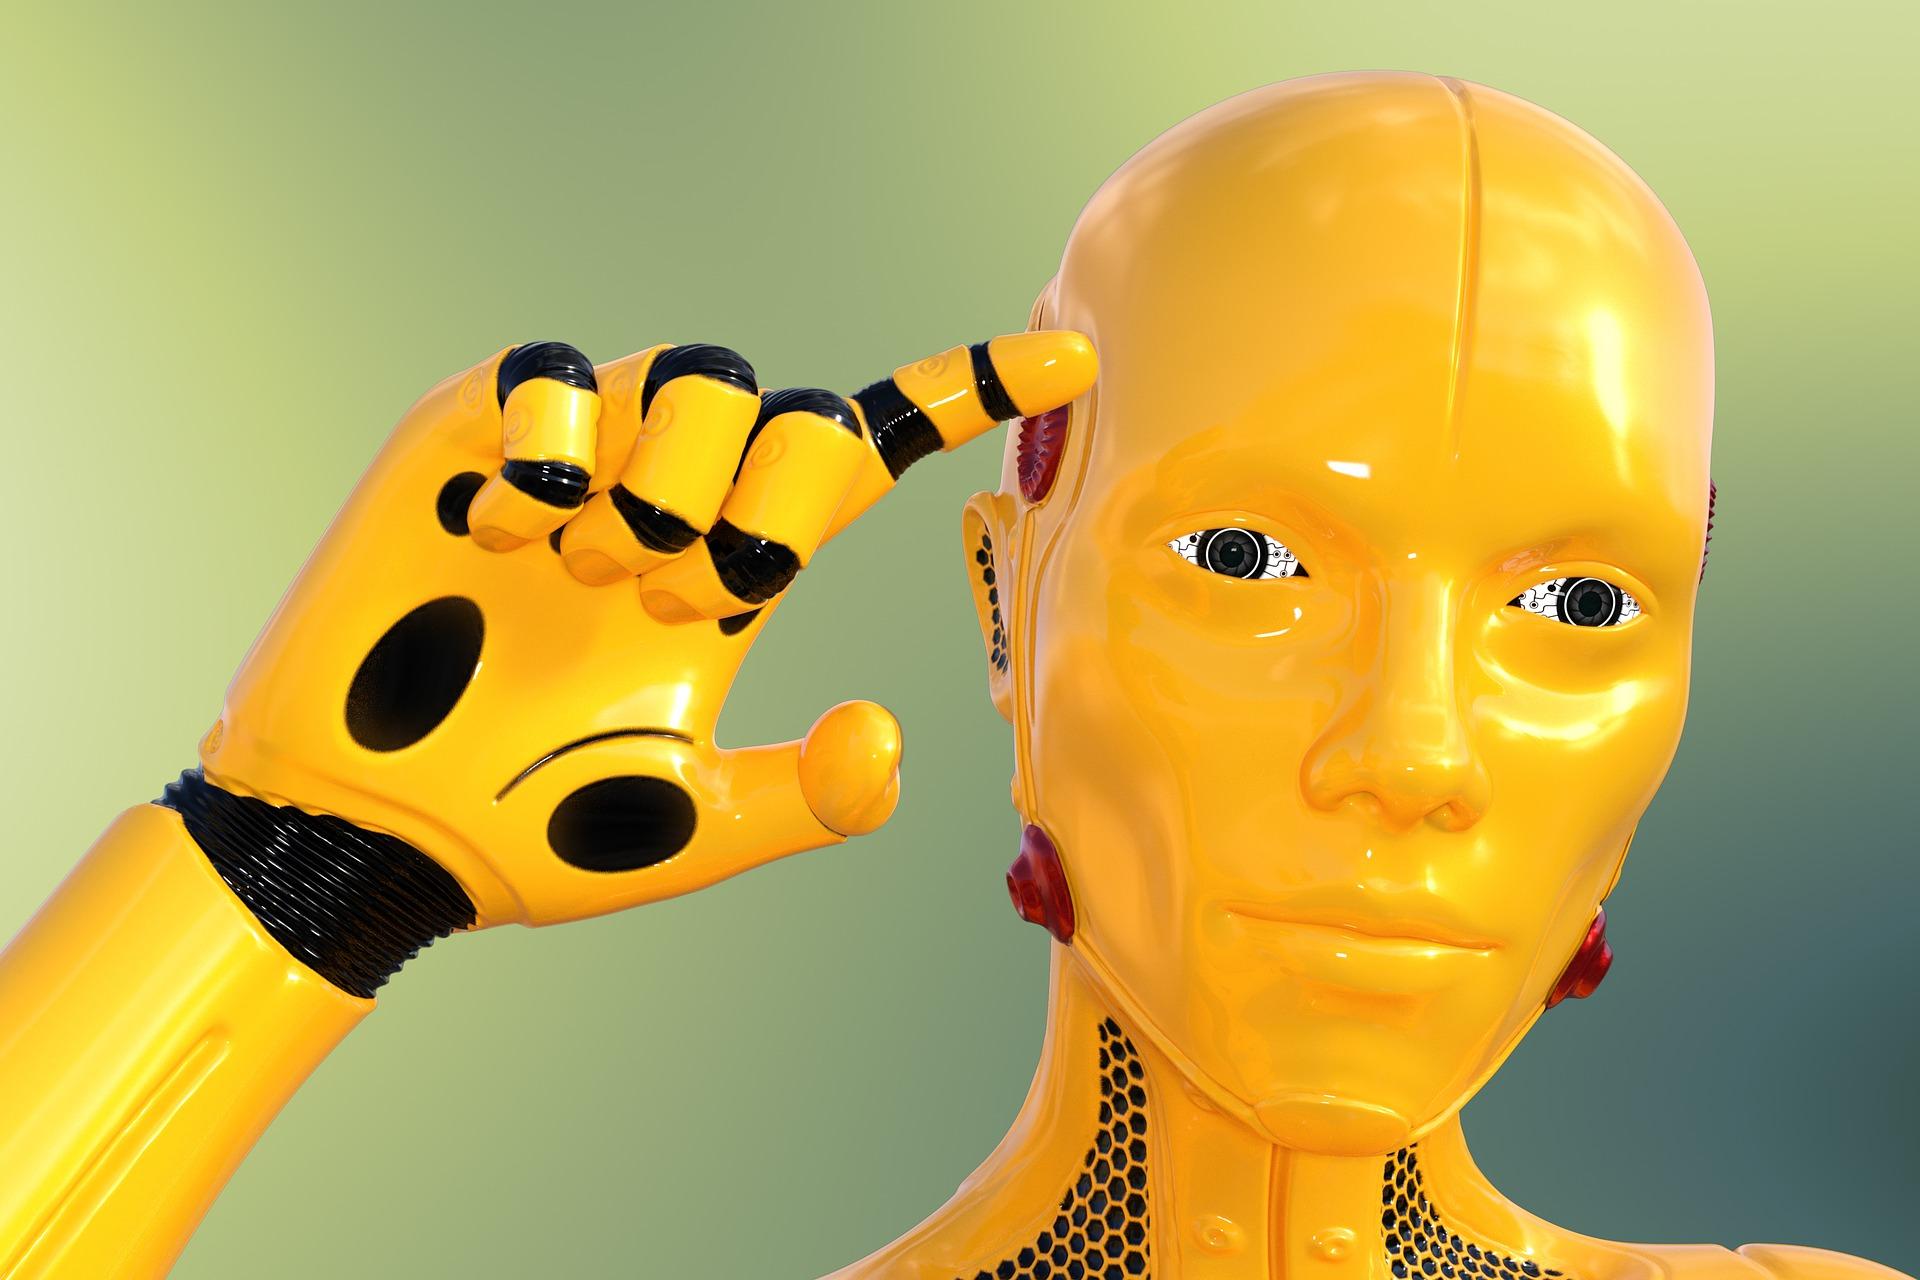 Będzie unijna regulacja dot. odpowiedzialności AI? Jest konkretna propozycja